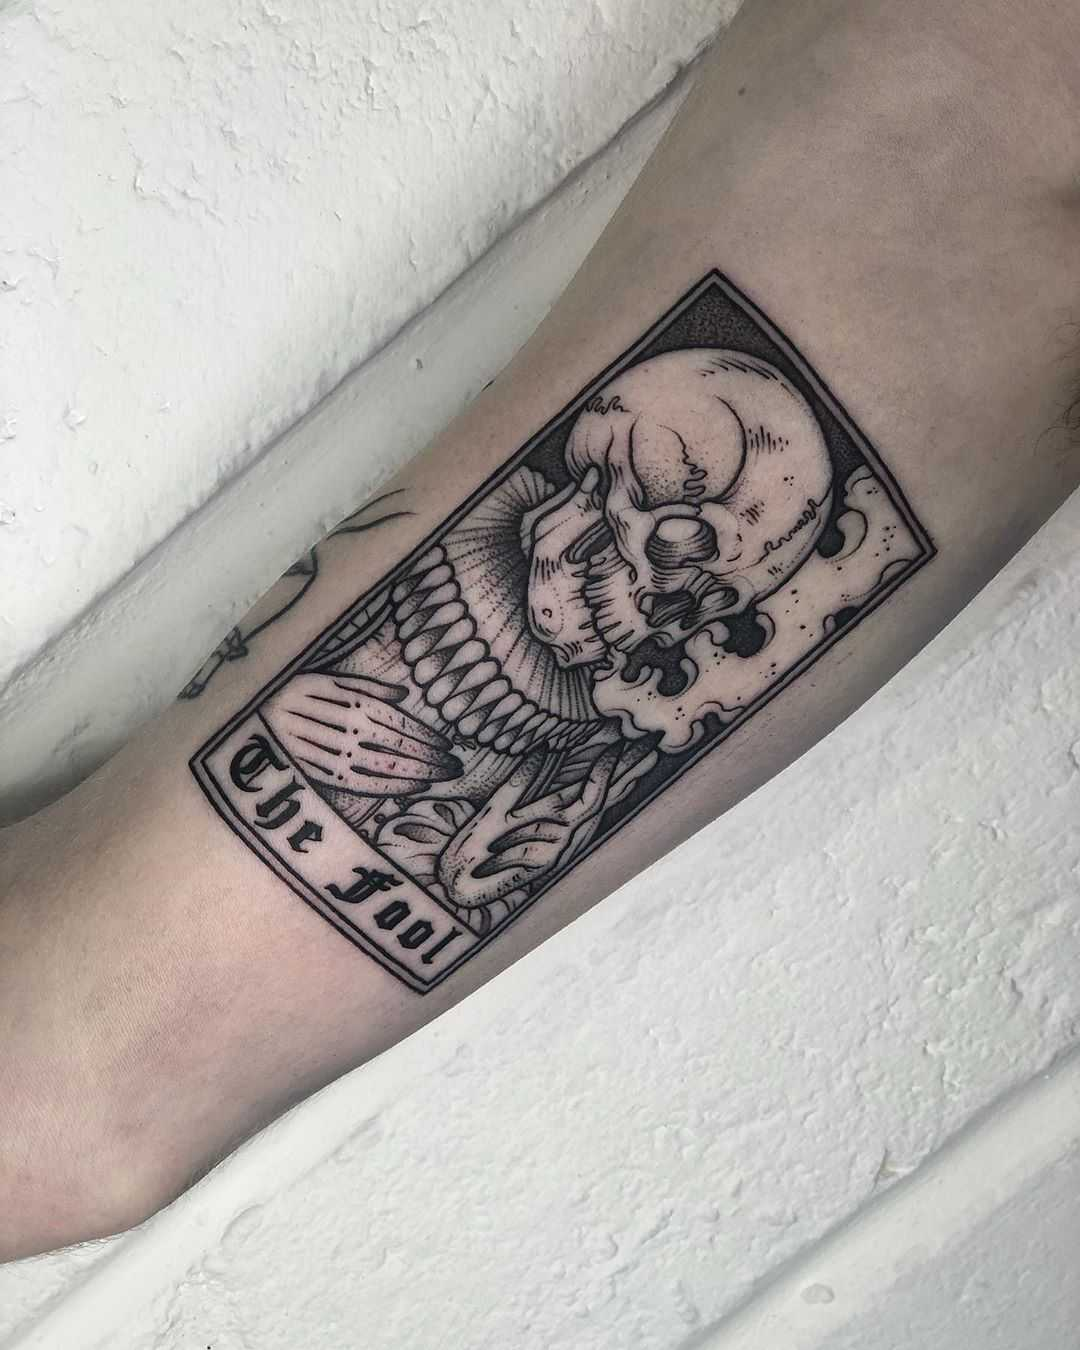 Fool Tarot card tattoo by Lozzy Bones